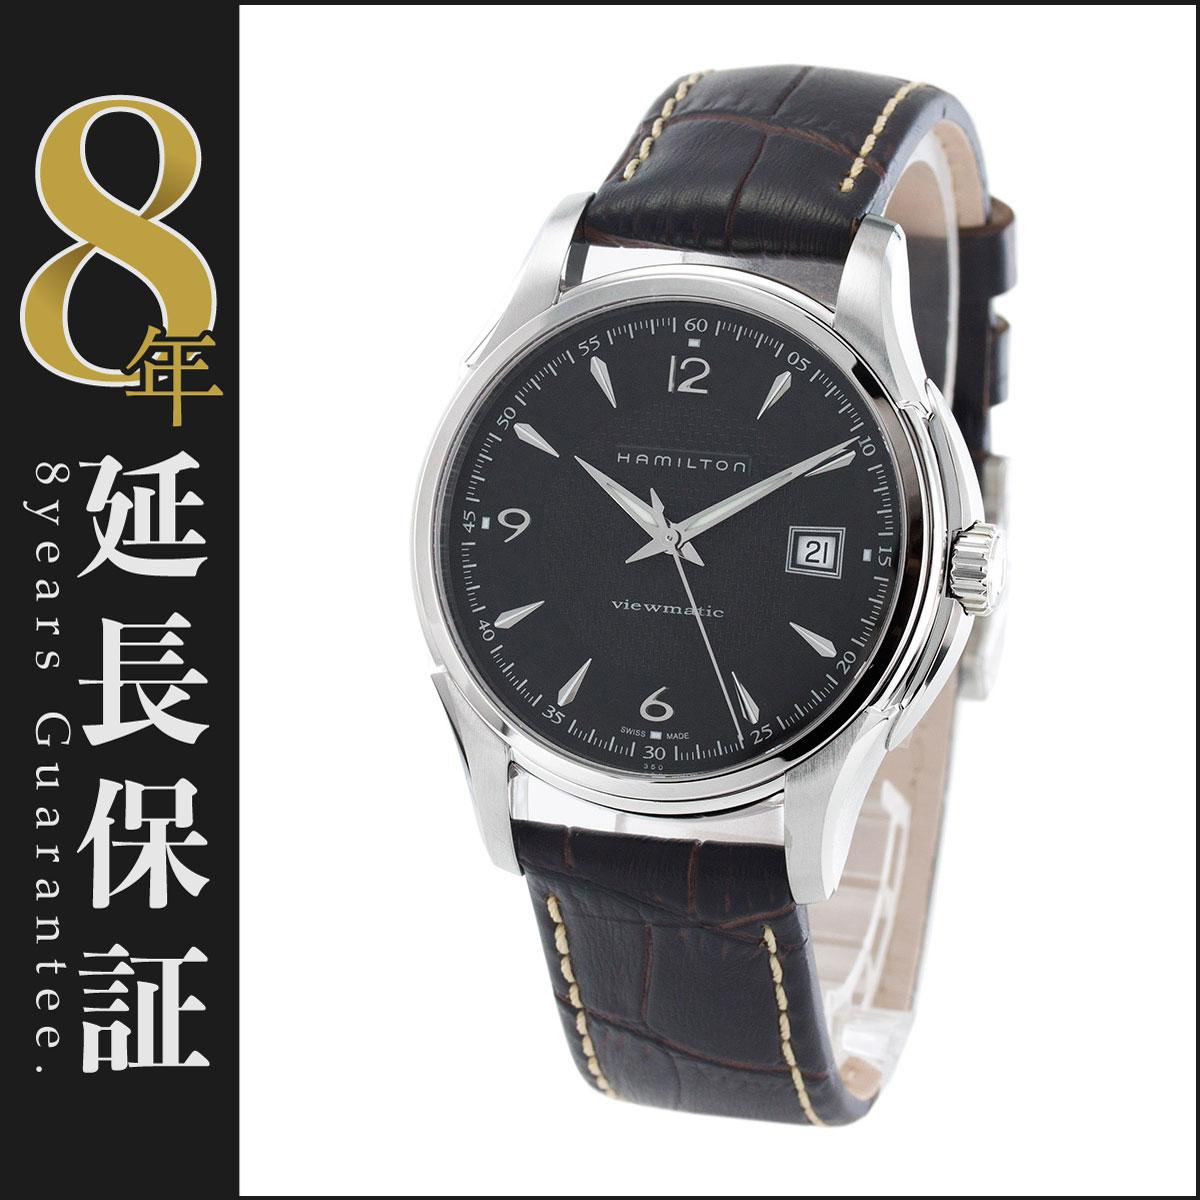 ハミルトン HAMILTON 腕時計 ジャズマスター ビューマチック メンズ H32515535_8